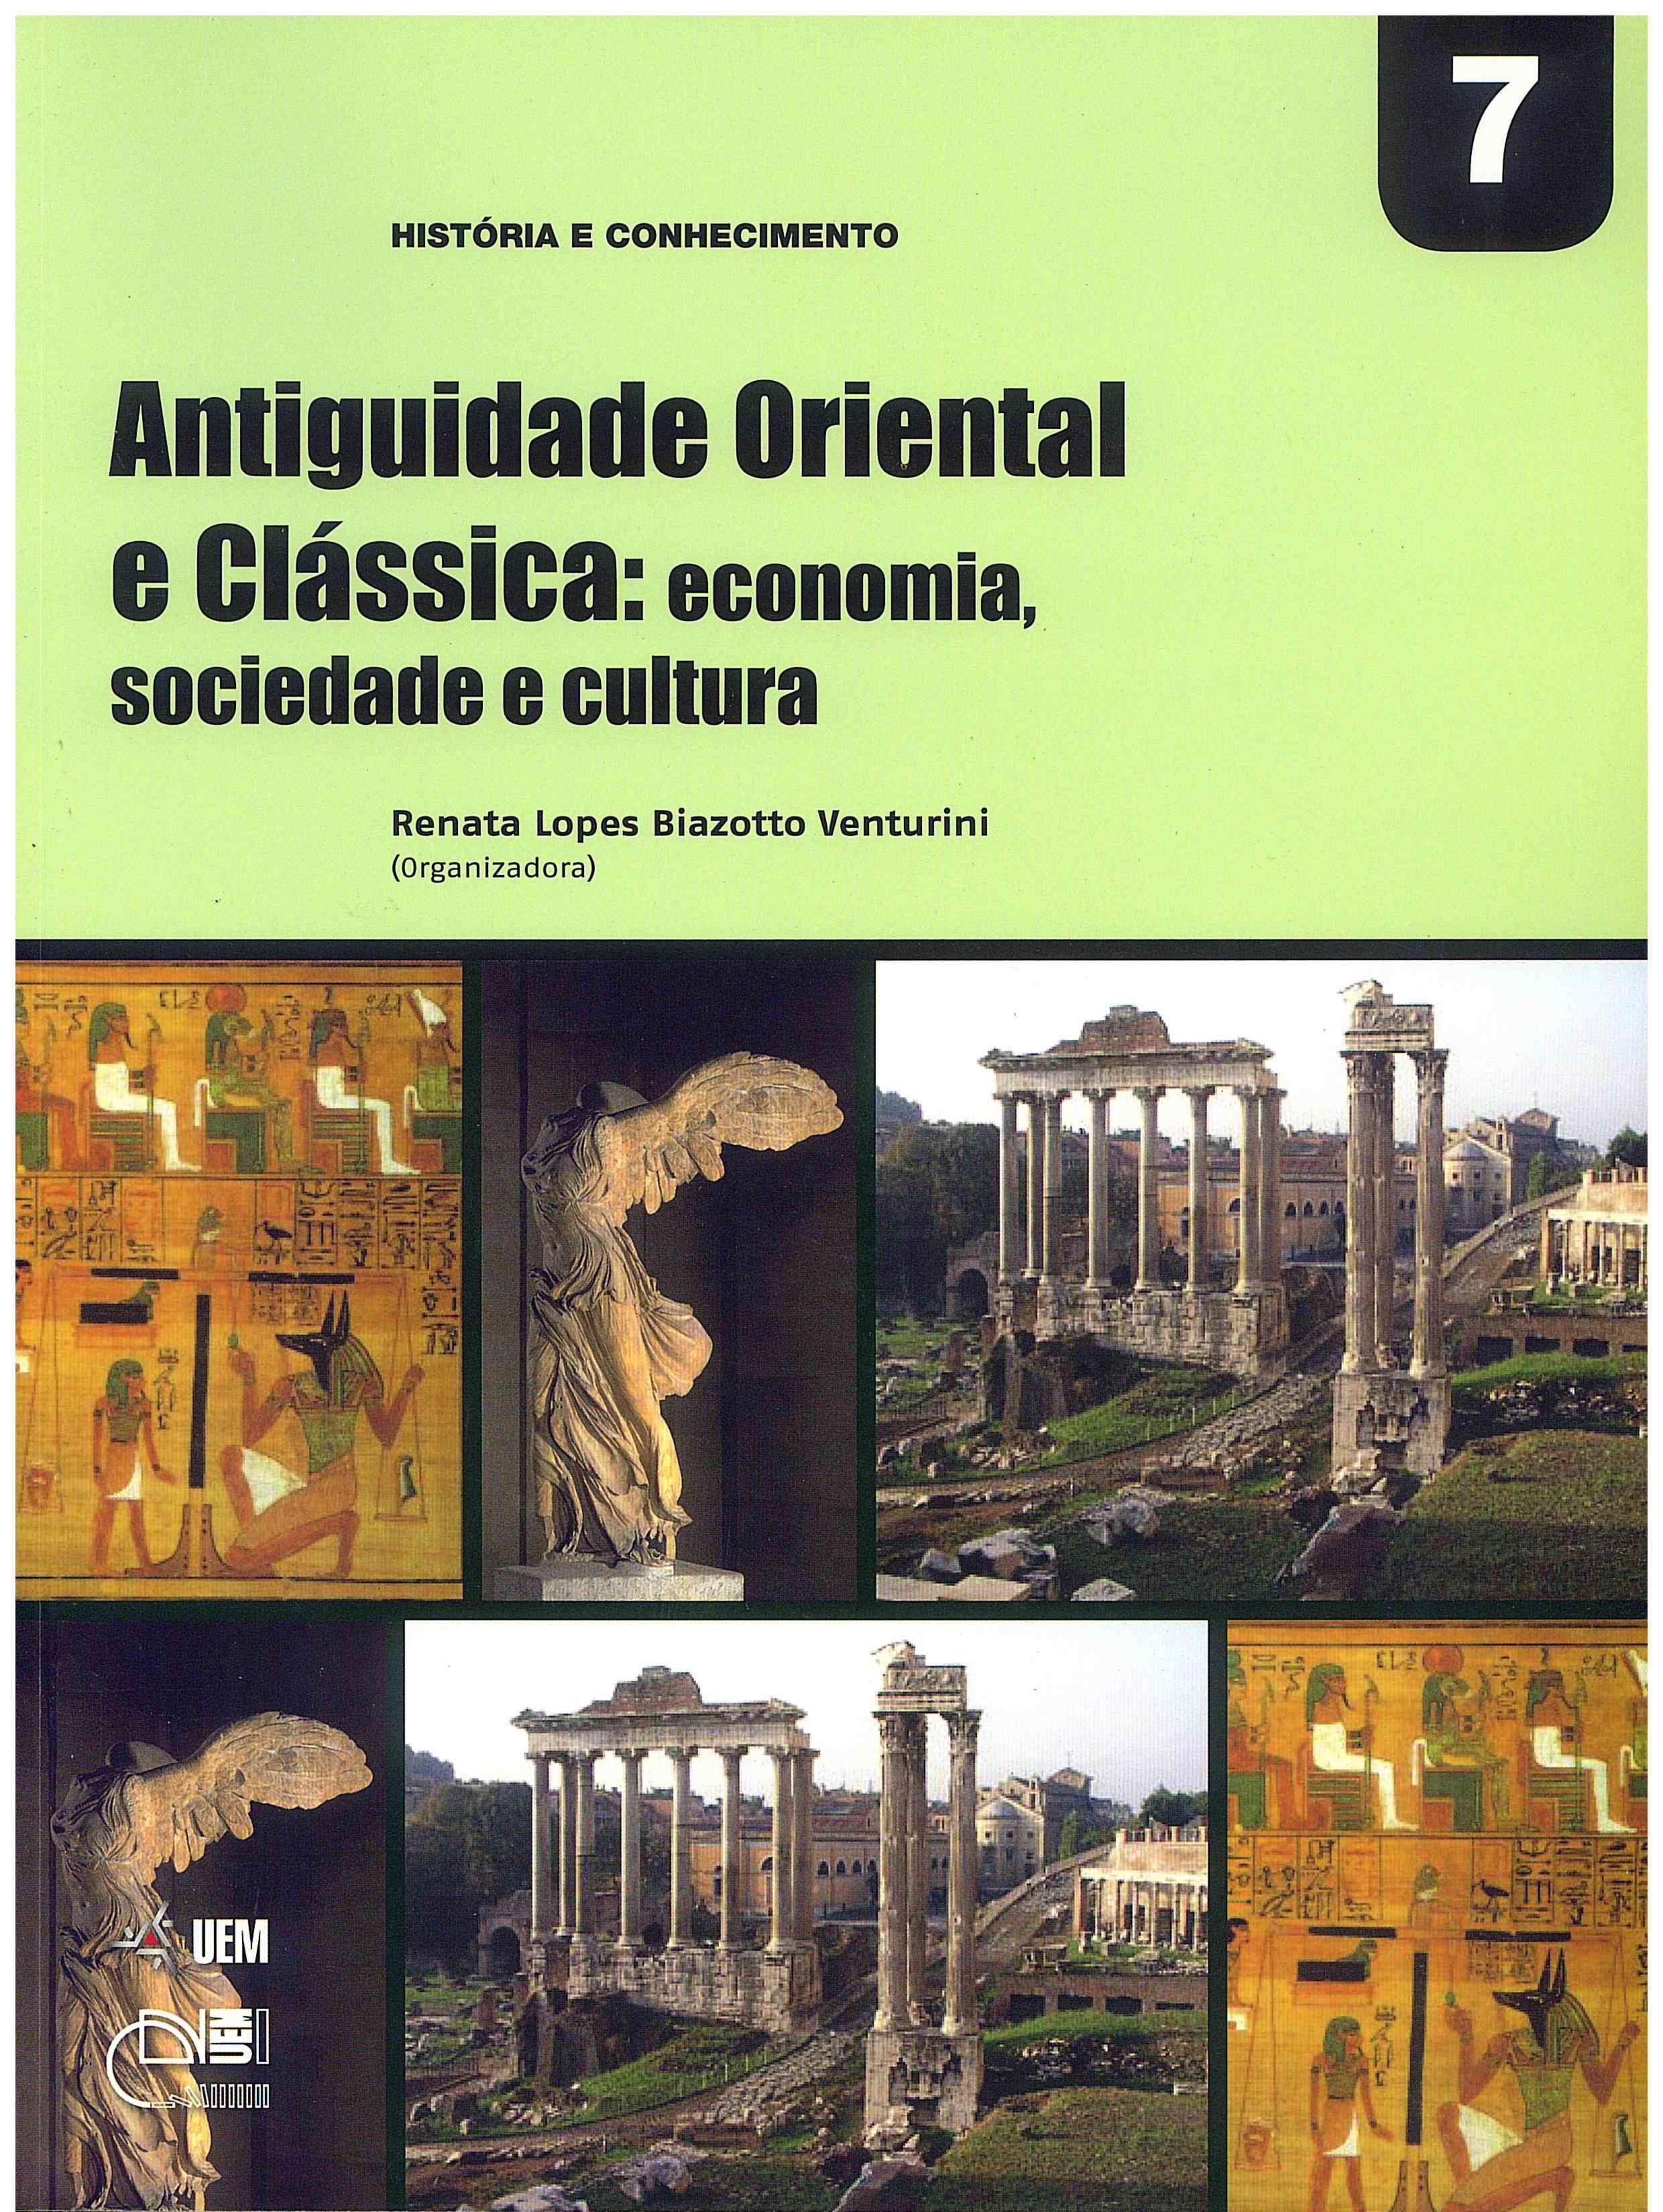 VENTURINI, R. L. B. (Org.). Antiguidade Oriental e Clássica: economia, sociedade e cultura